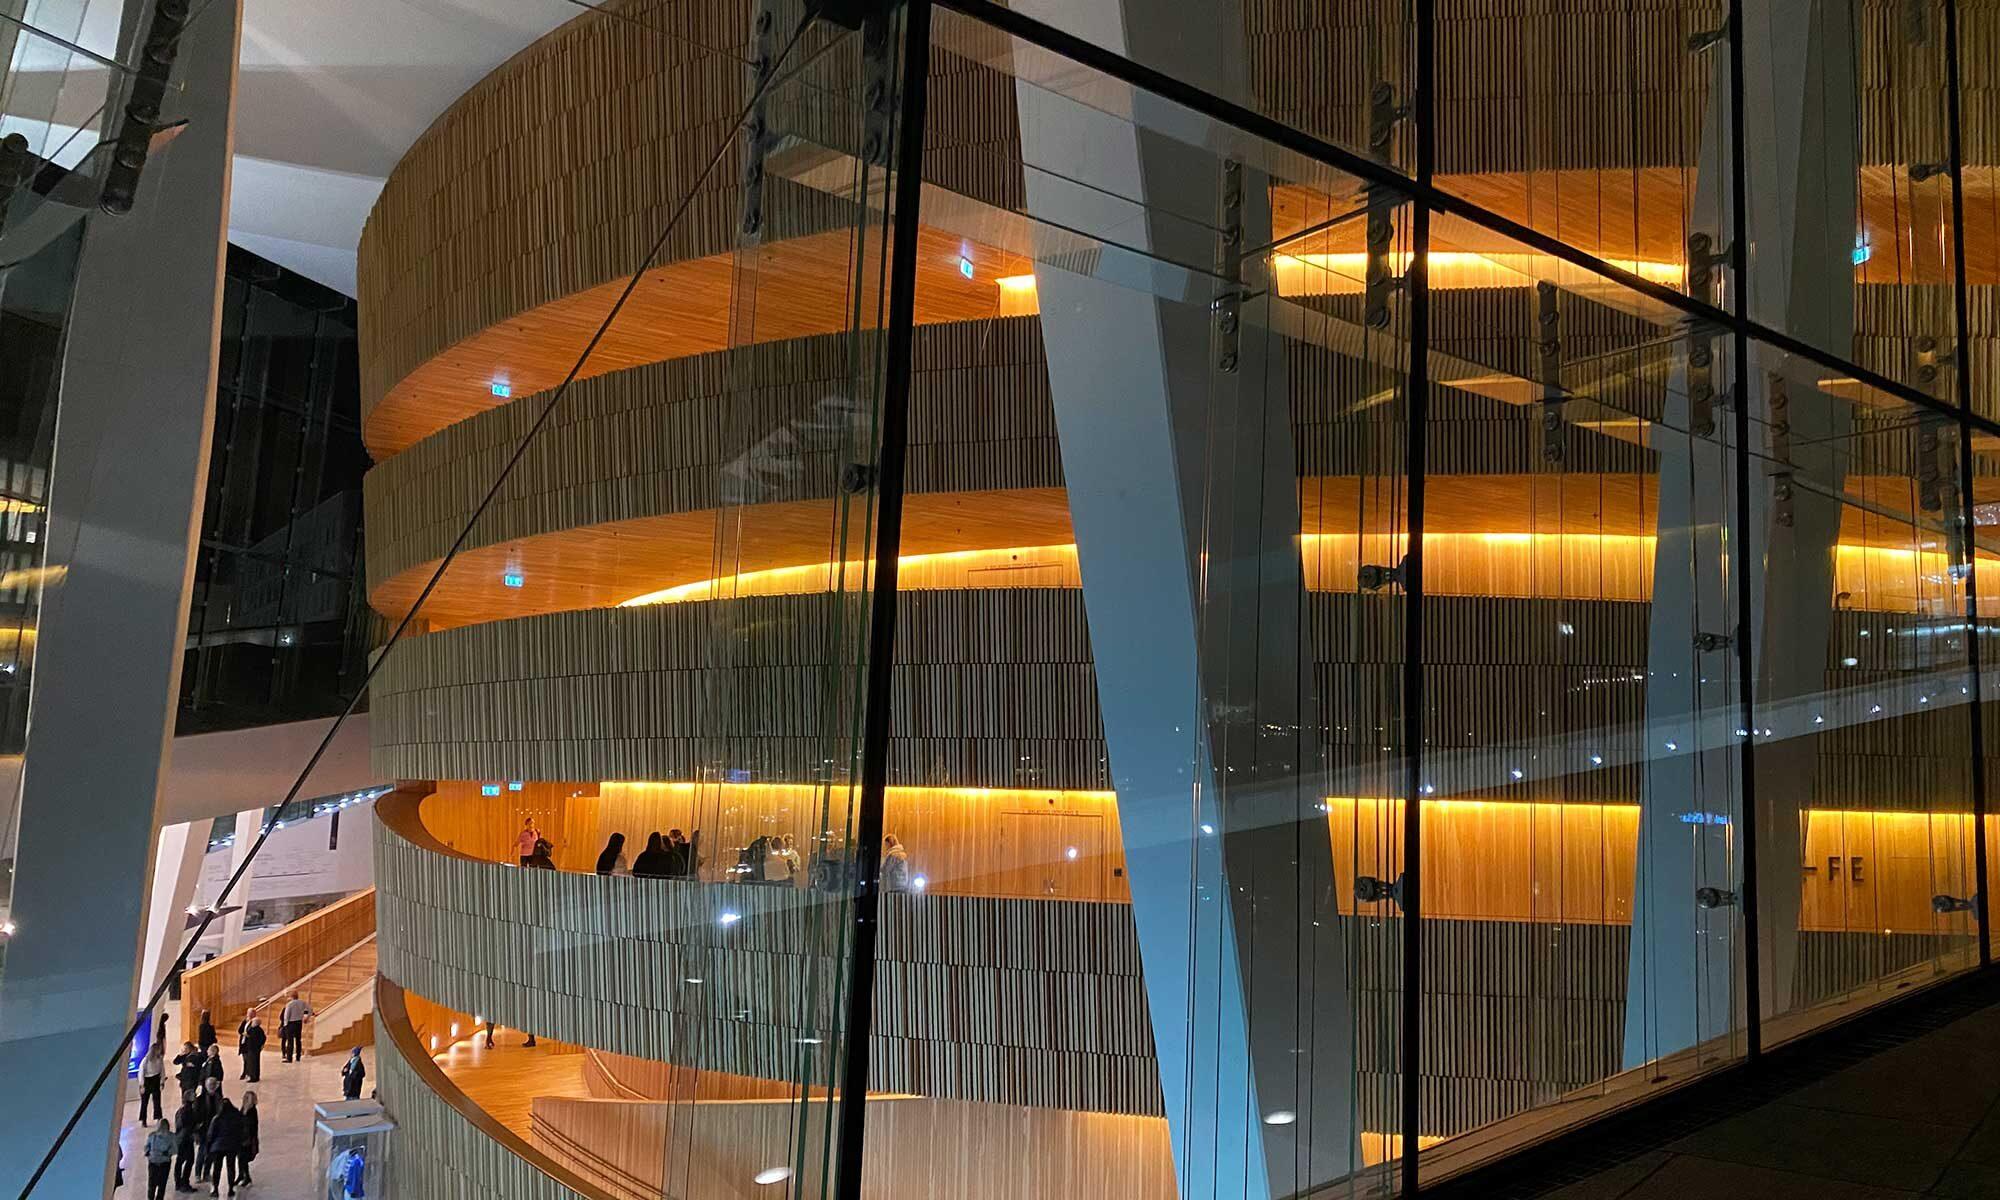 Das Bild zeit das Opernhaus in Oslo